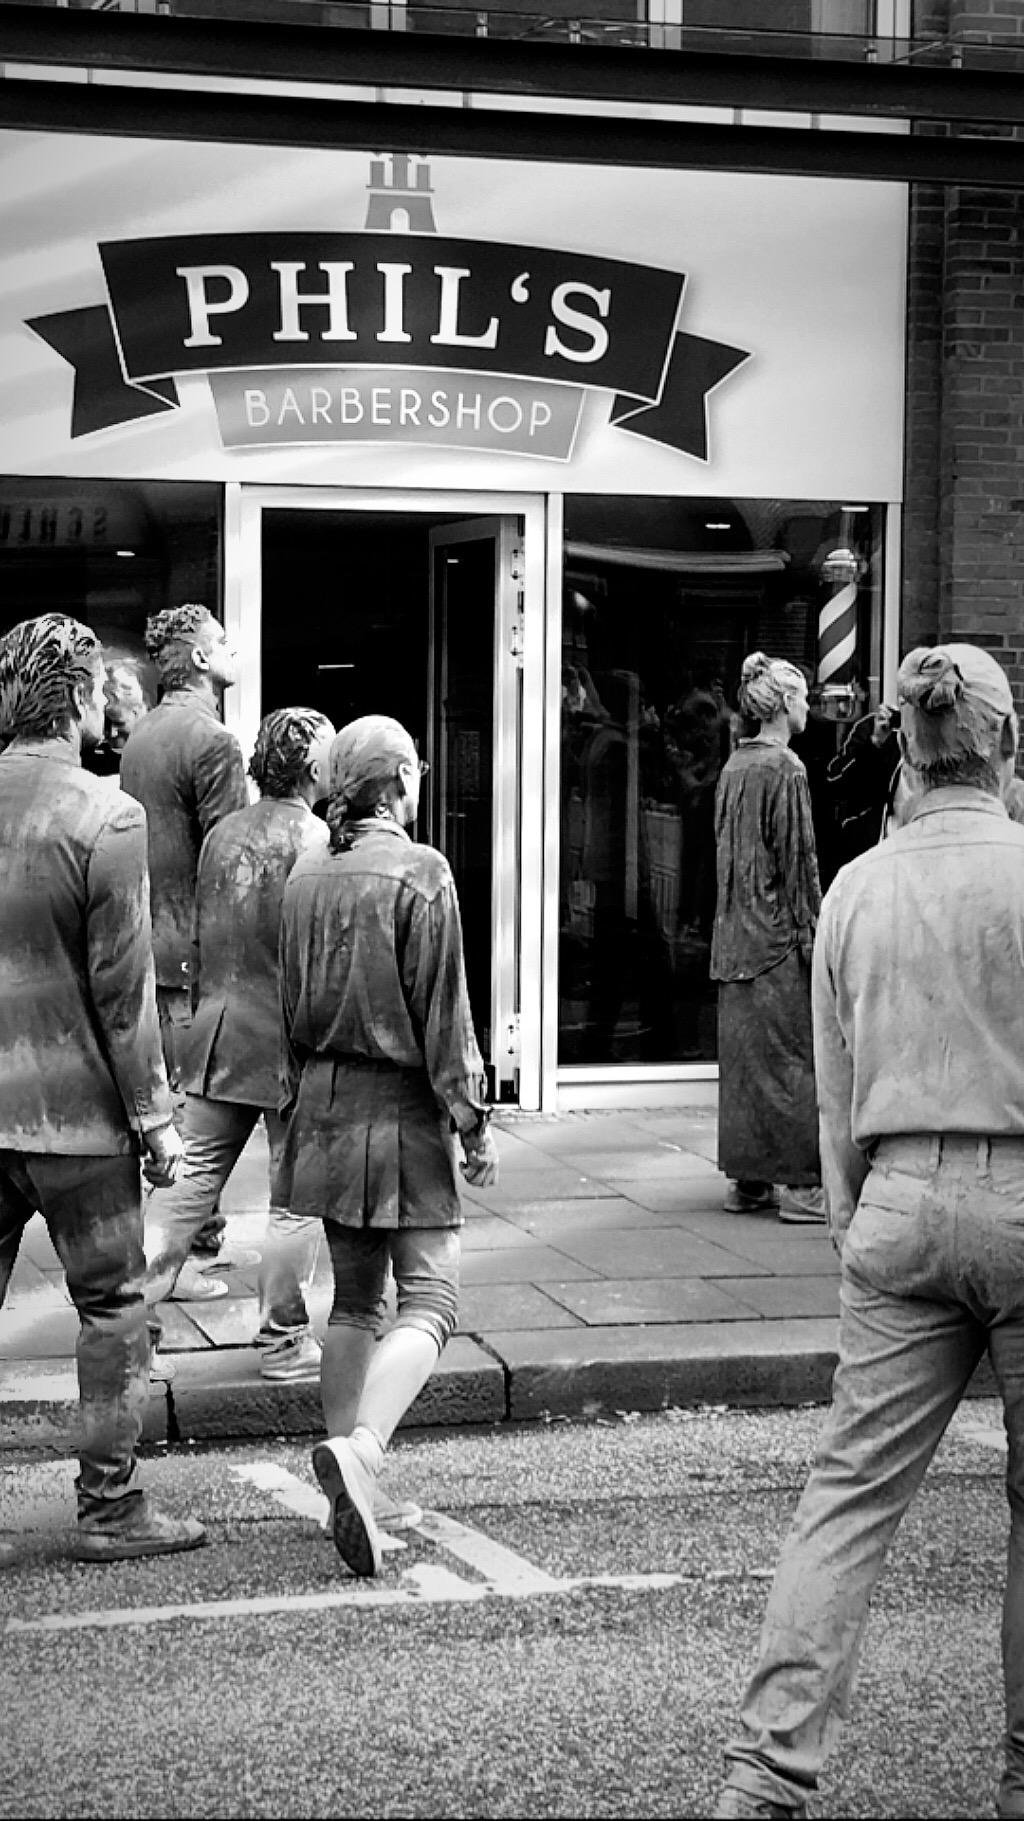 Weitere ideen zu haarschnitt männer, herrenfrisuren, haarschnitt. Phil's Barbershop - Original Barbershop in Hamburg. Der